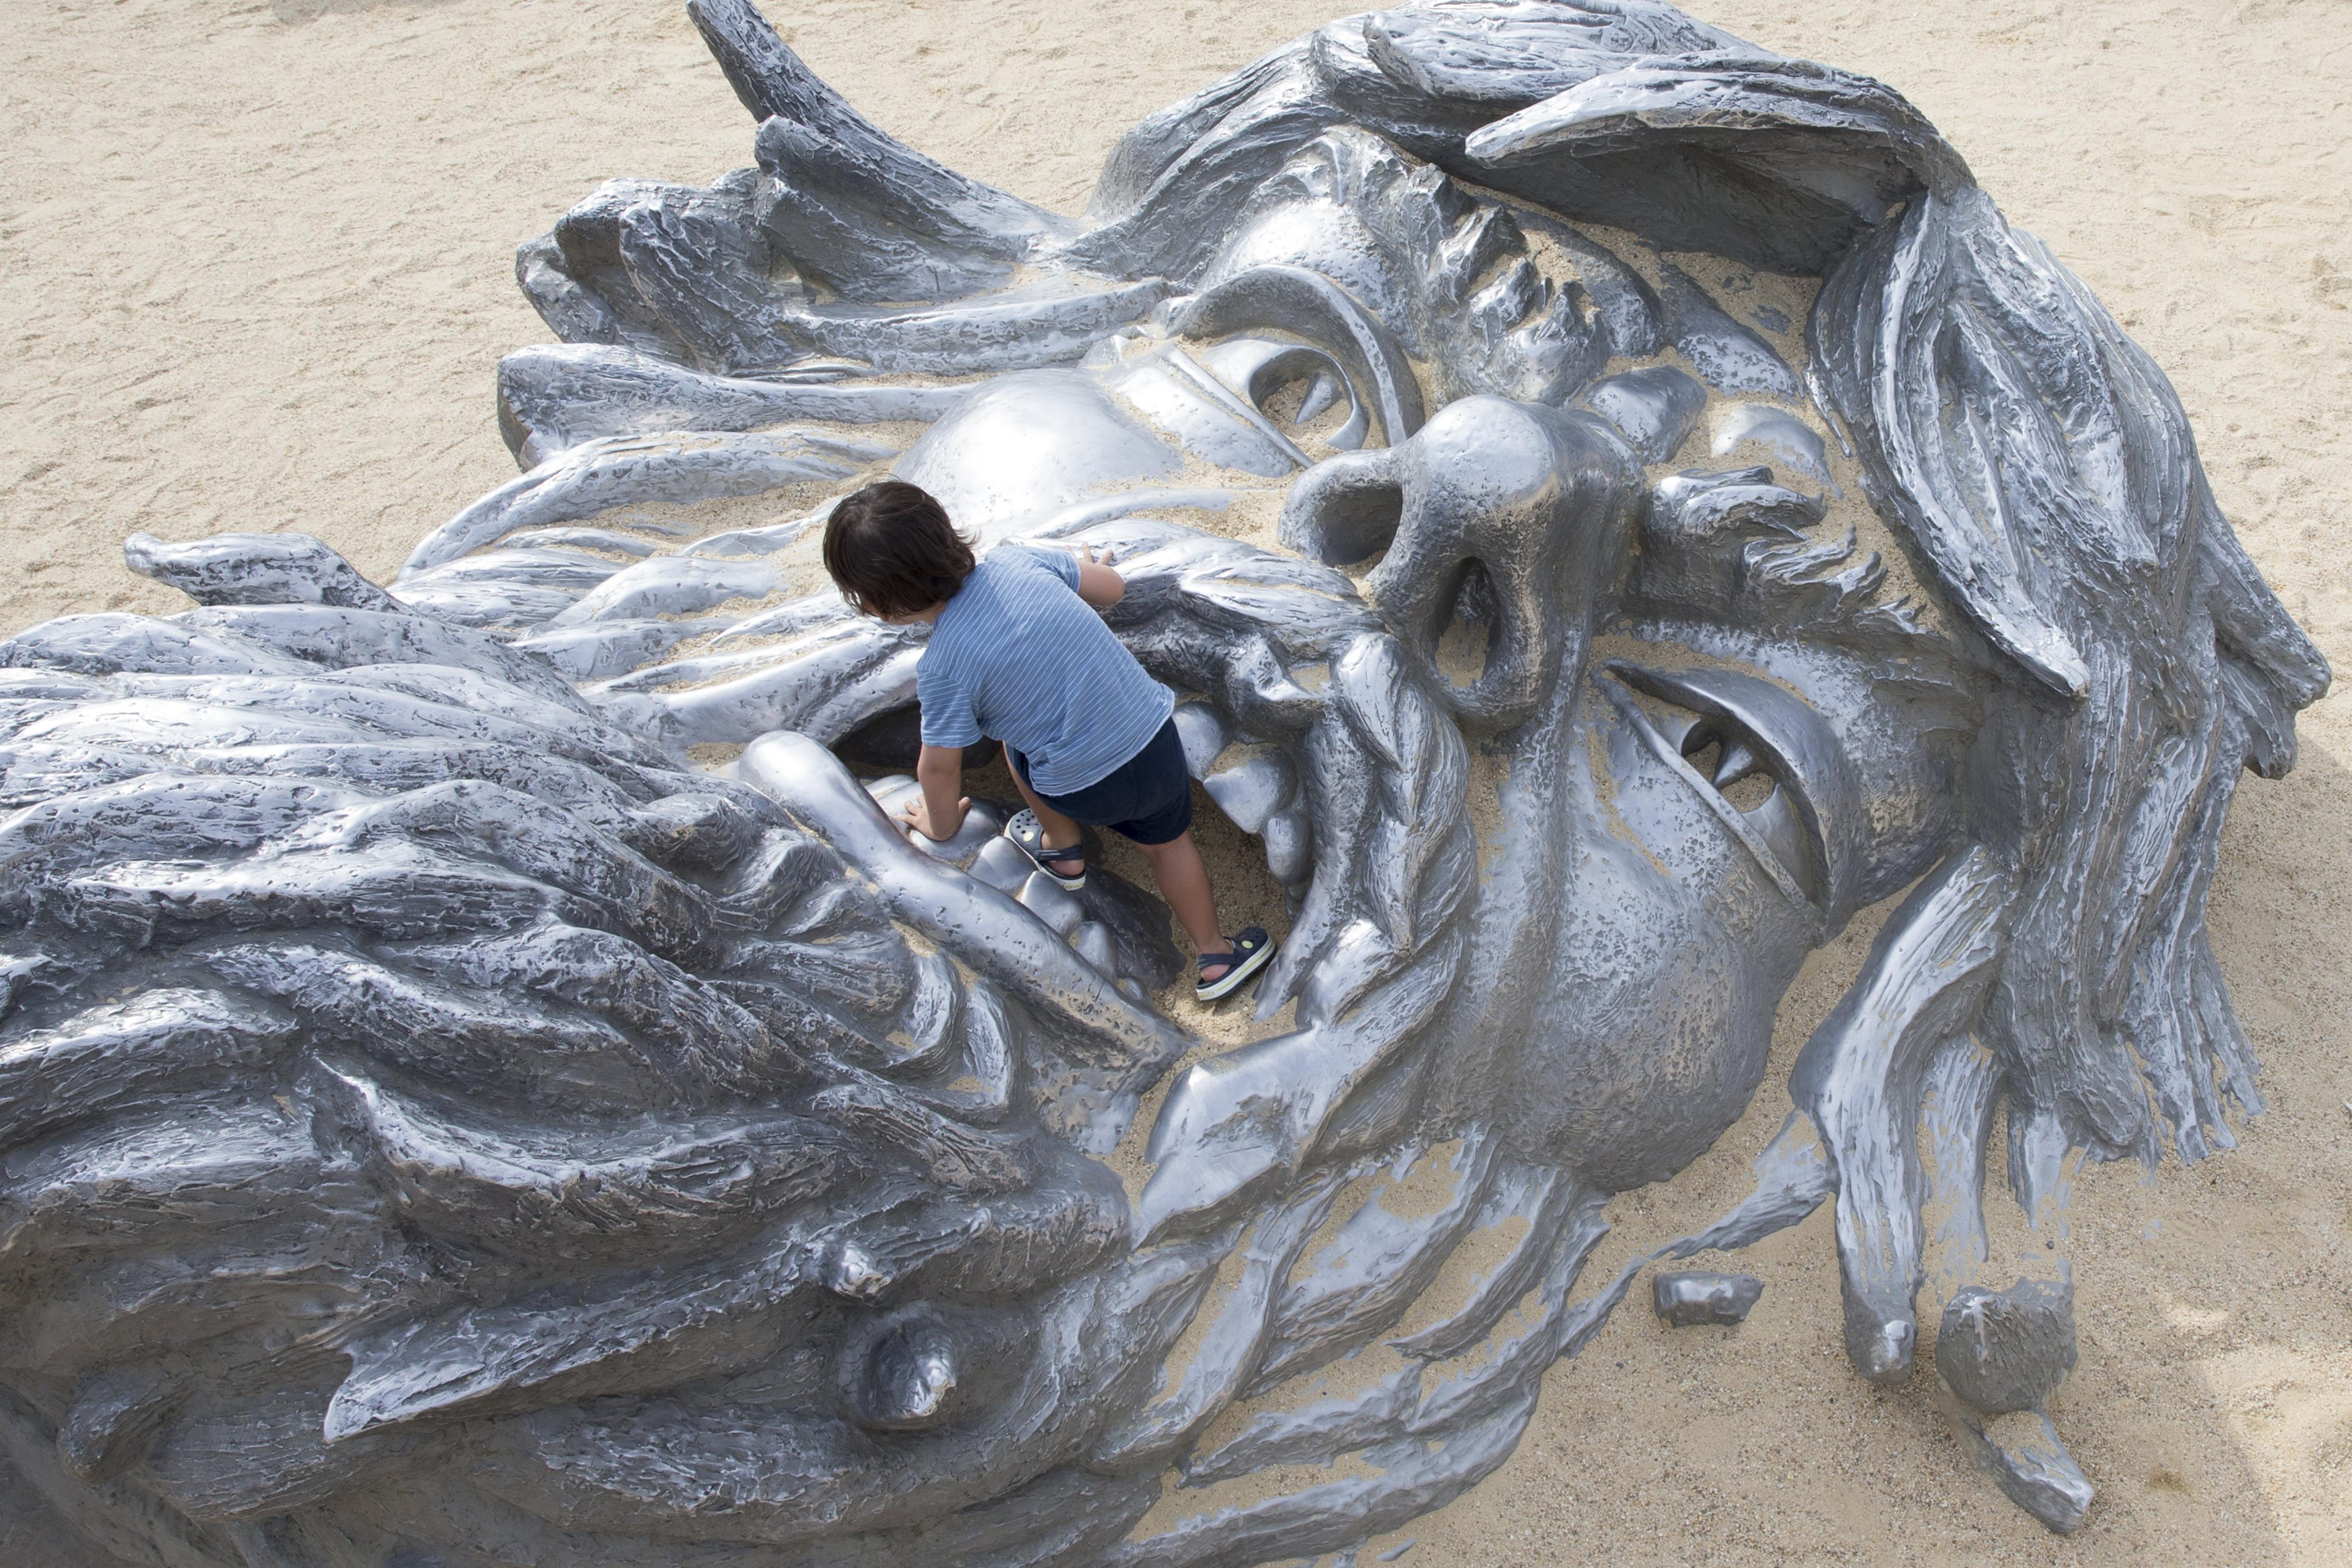 Un nin juga al lloc on hi ha l'estàtua titulada 'Despertar' a National Harbor, Maryland, EUA. /MICHAEL REYNOLDS